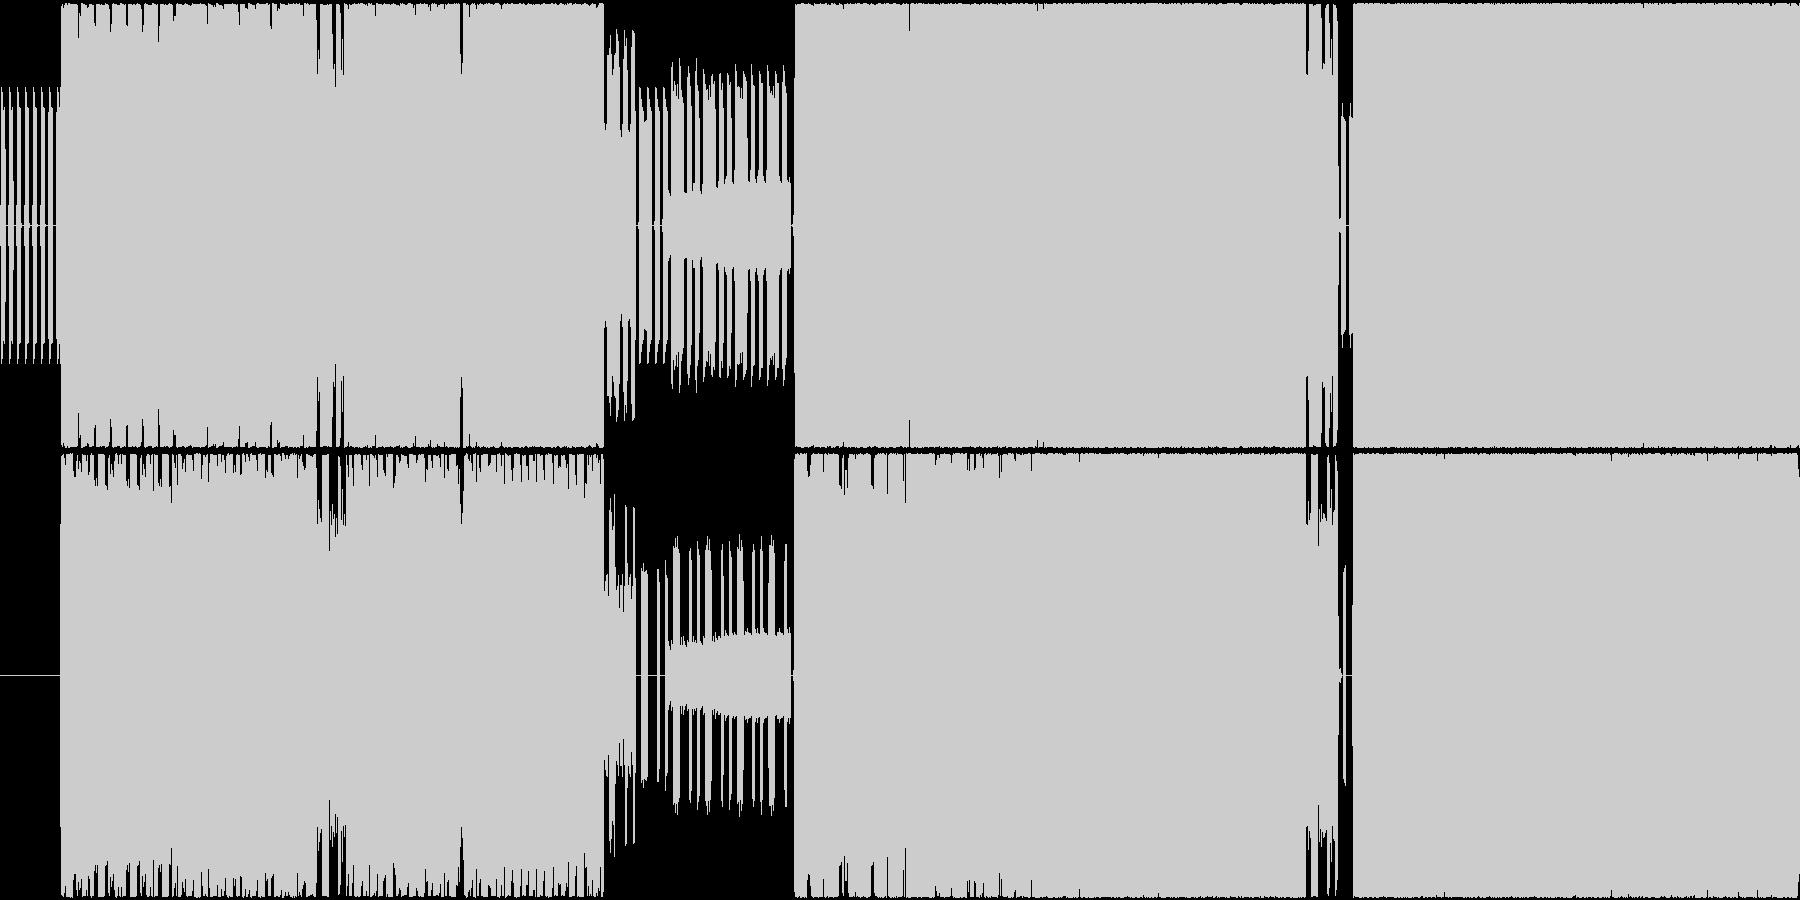 疾走感溢れる近未来SFチックな曲の未再生の波形